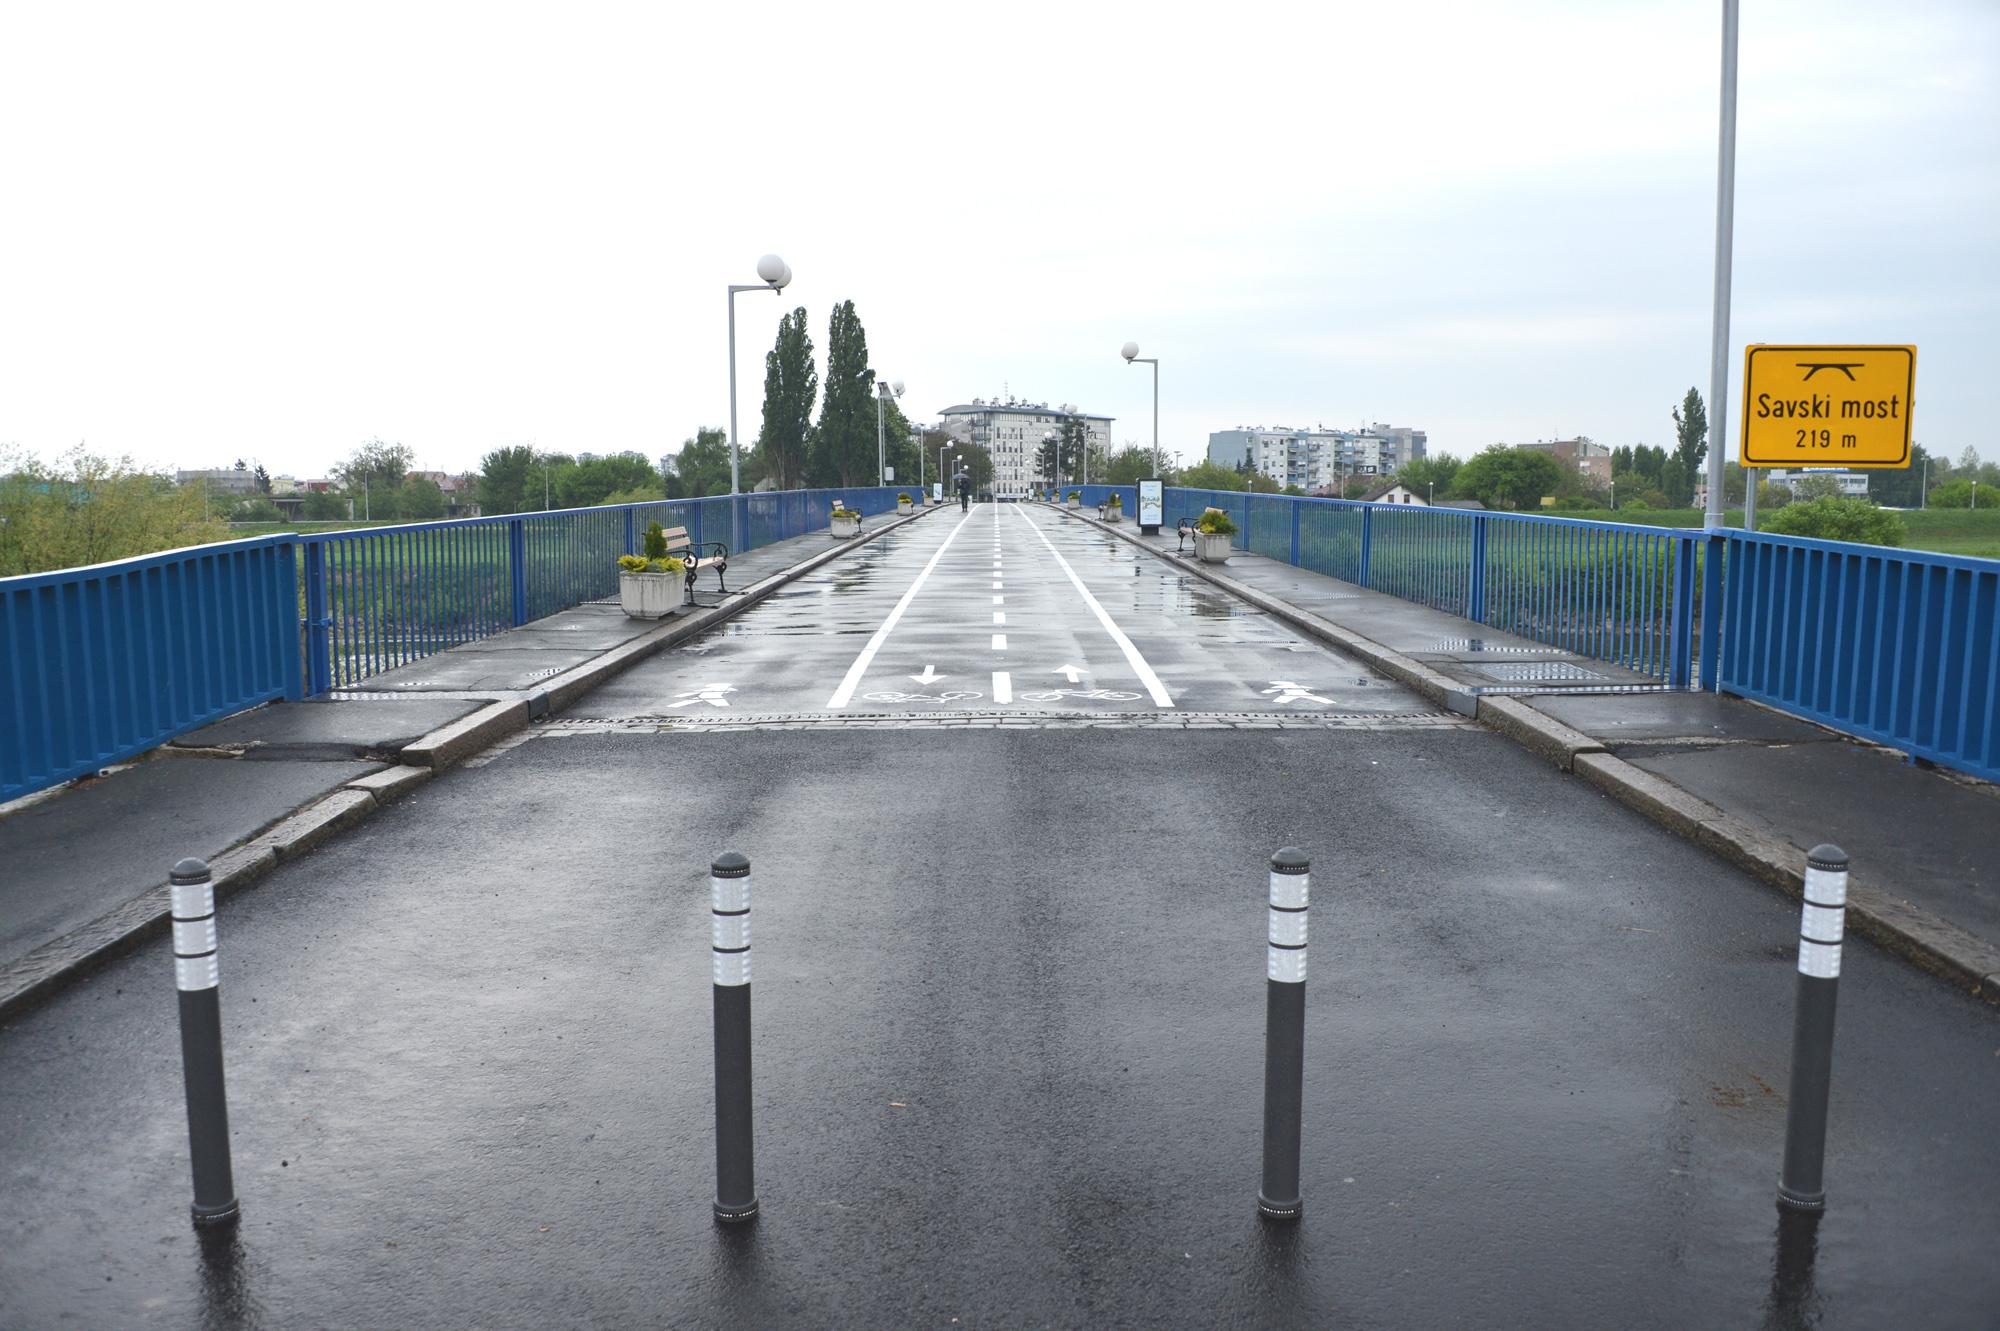 Savski most Zagreb